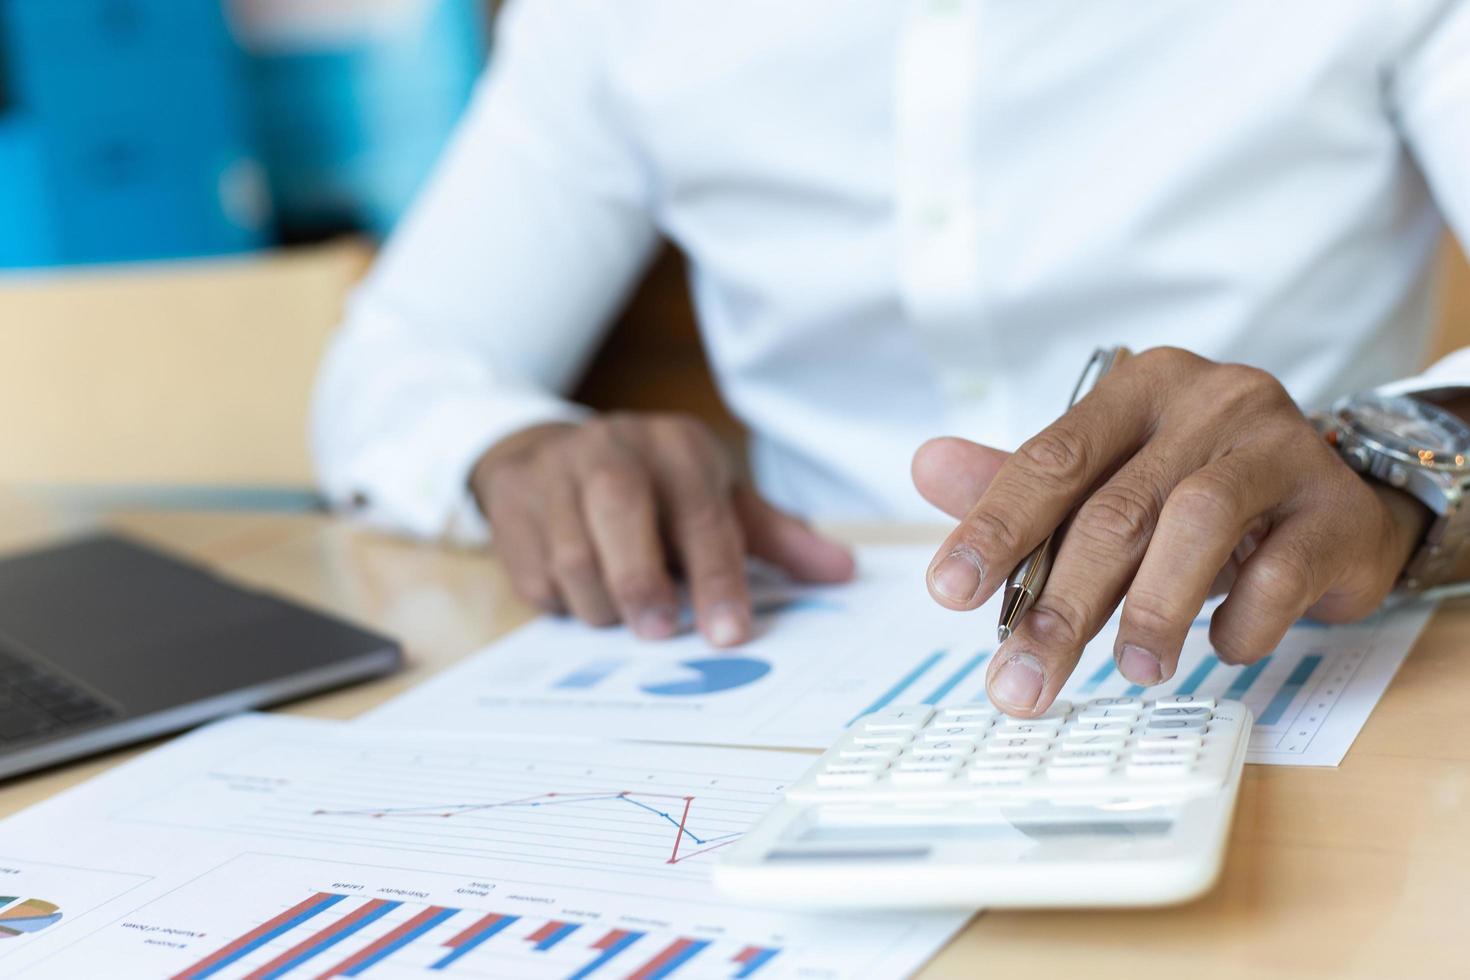 homme d'affaires est assis au bureau analysant le graphique avec calculatrice photo